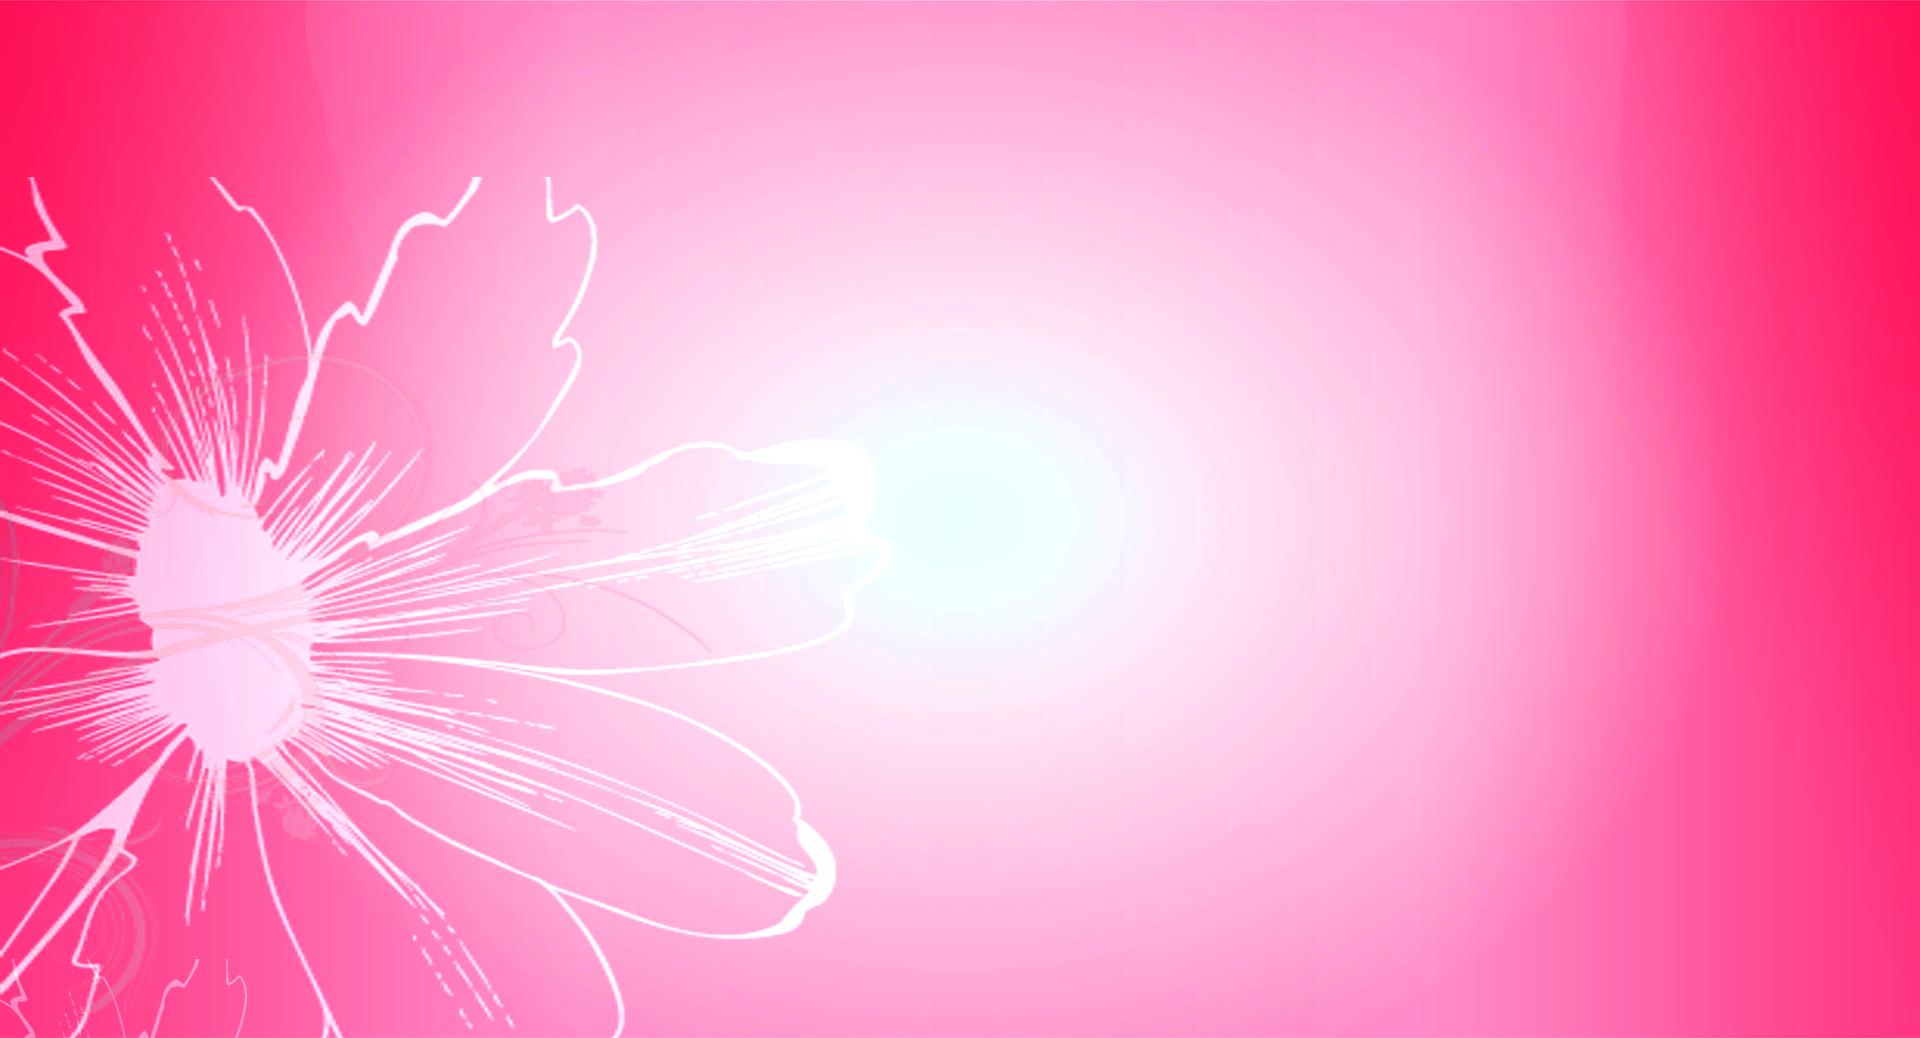 Pink Wallpaper Pictures - WallpaperSafari